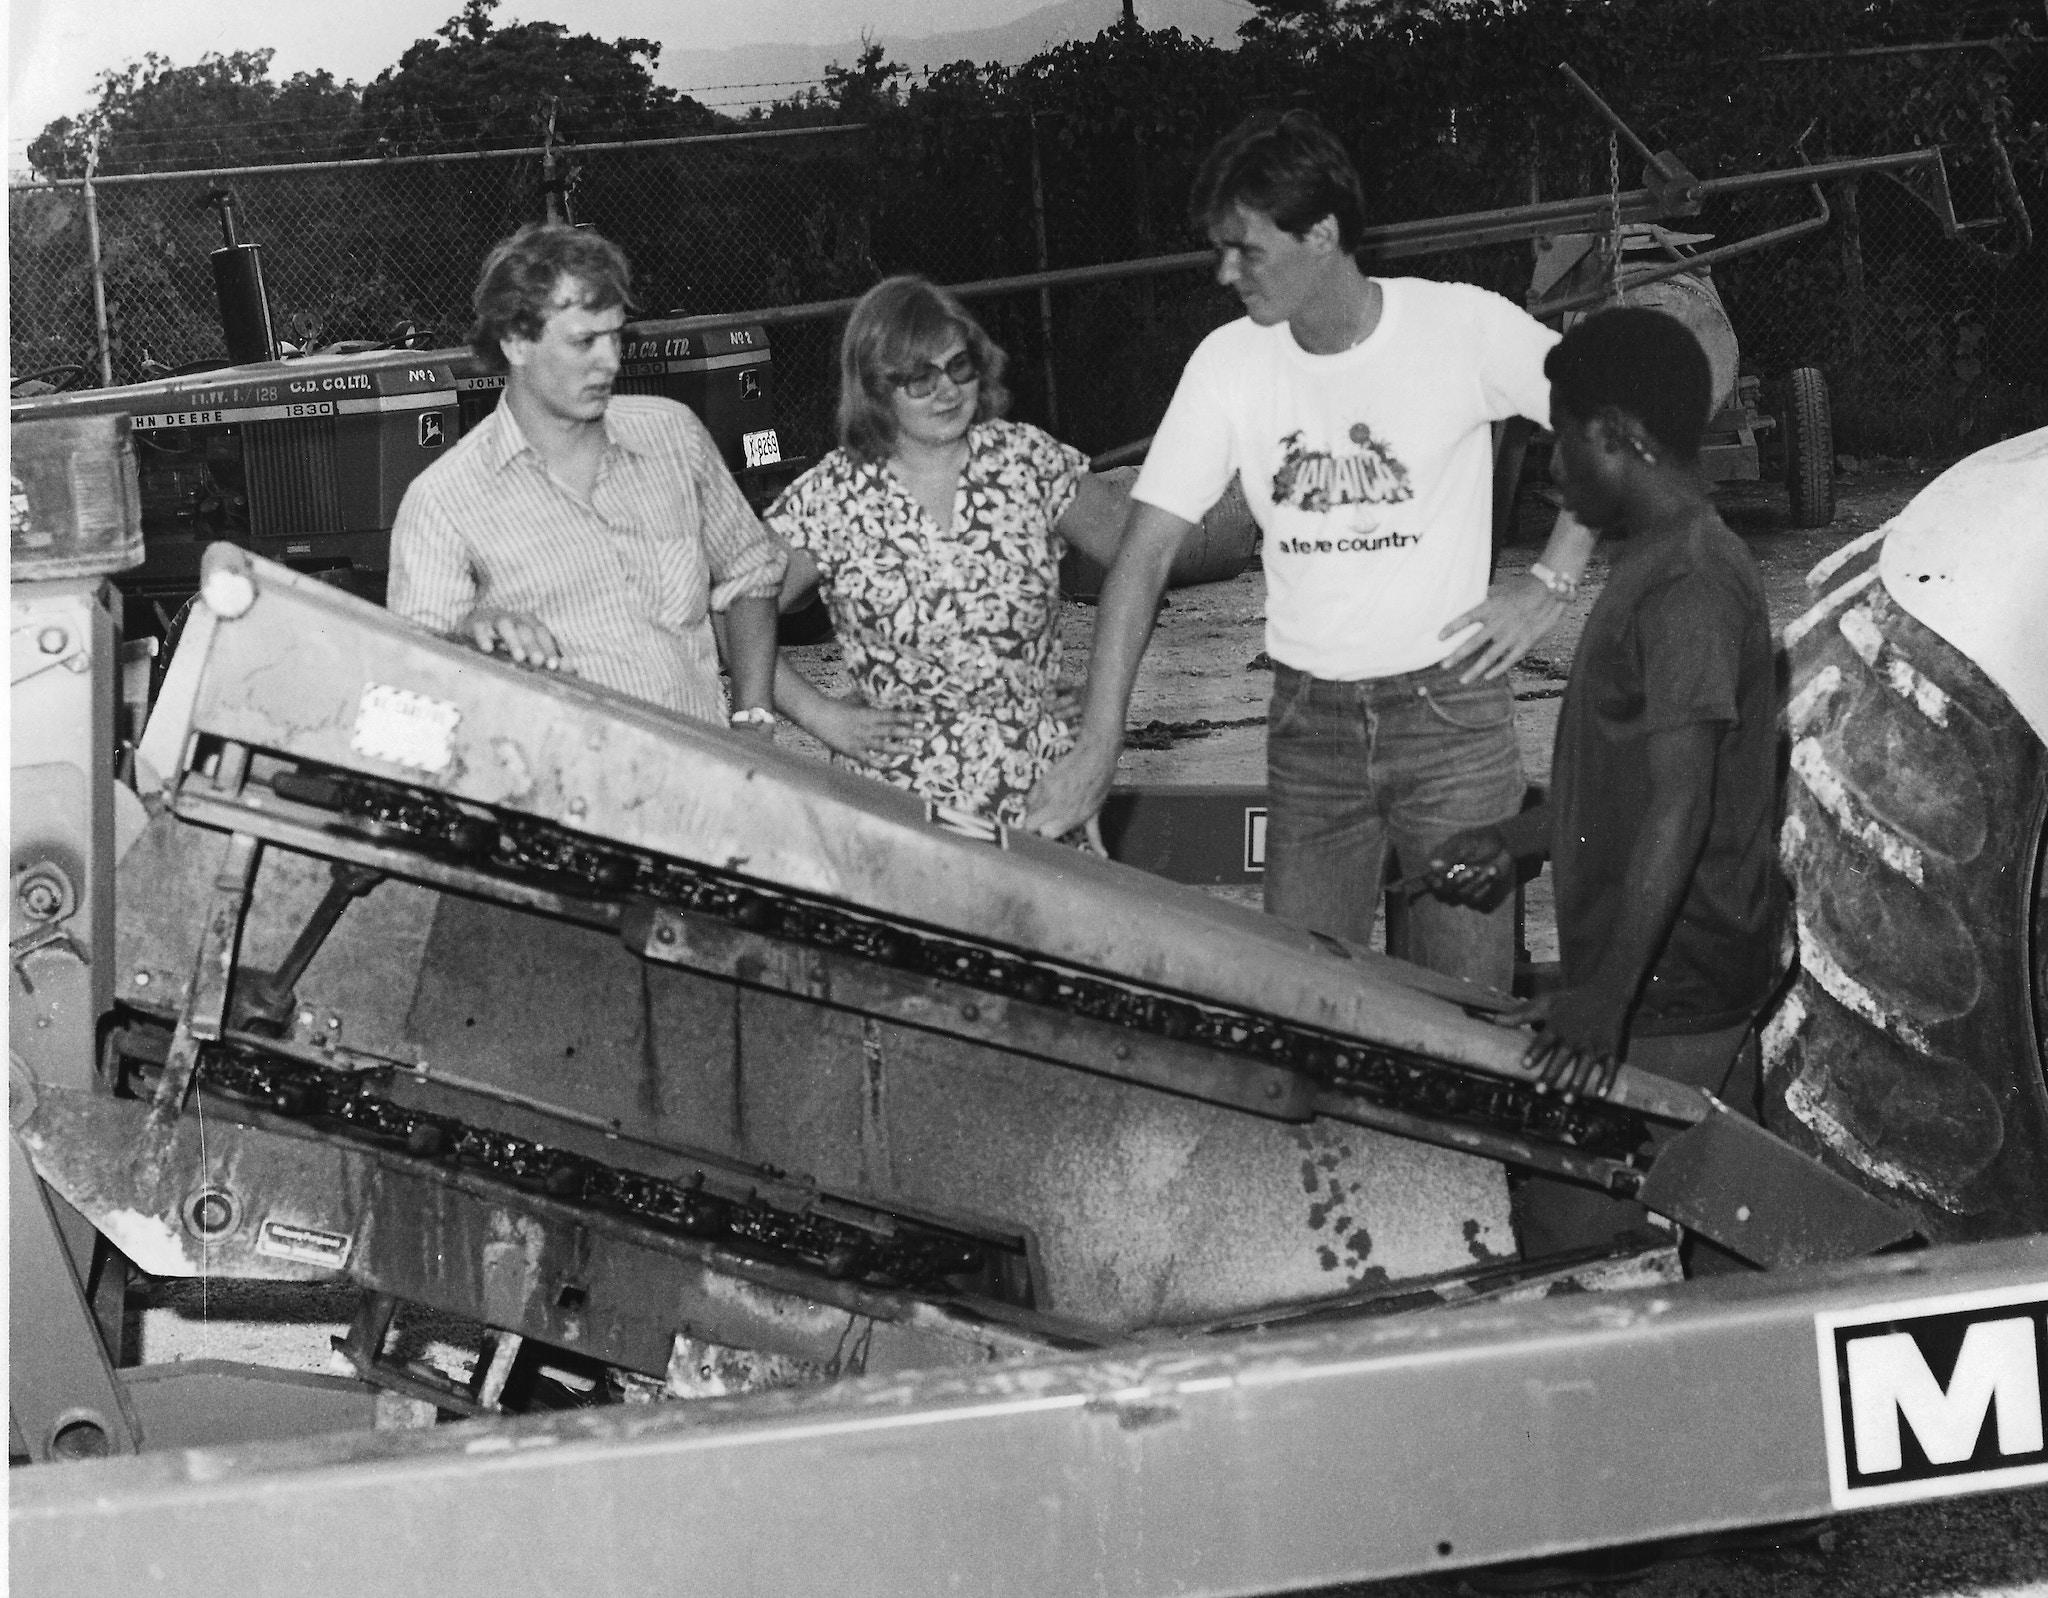 Erna Solberg Jamaica 1979 OD